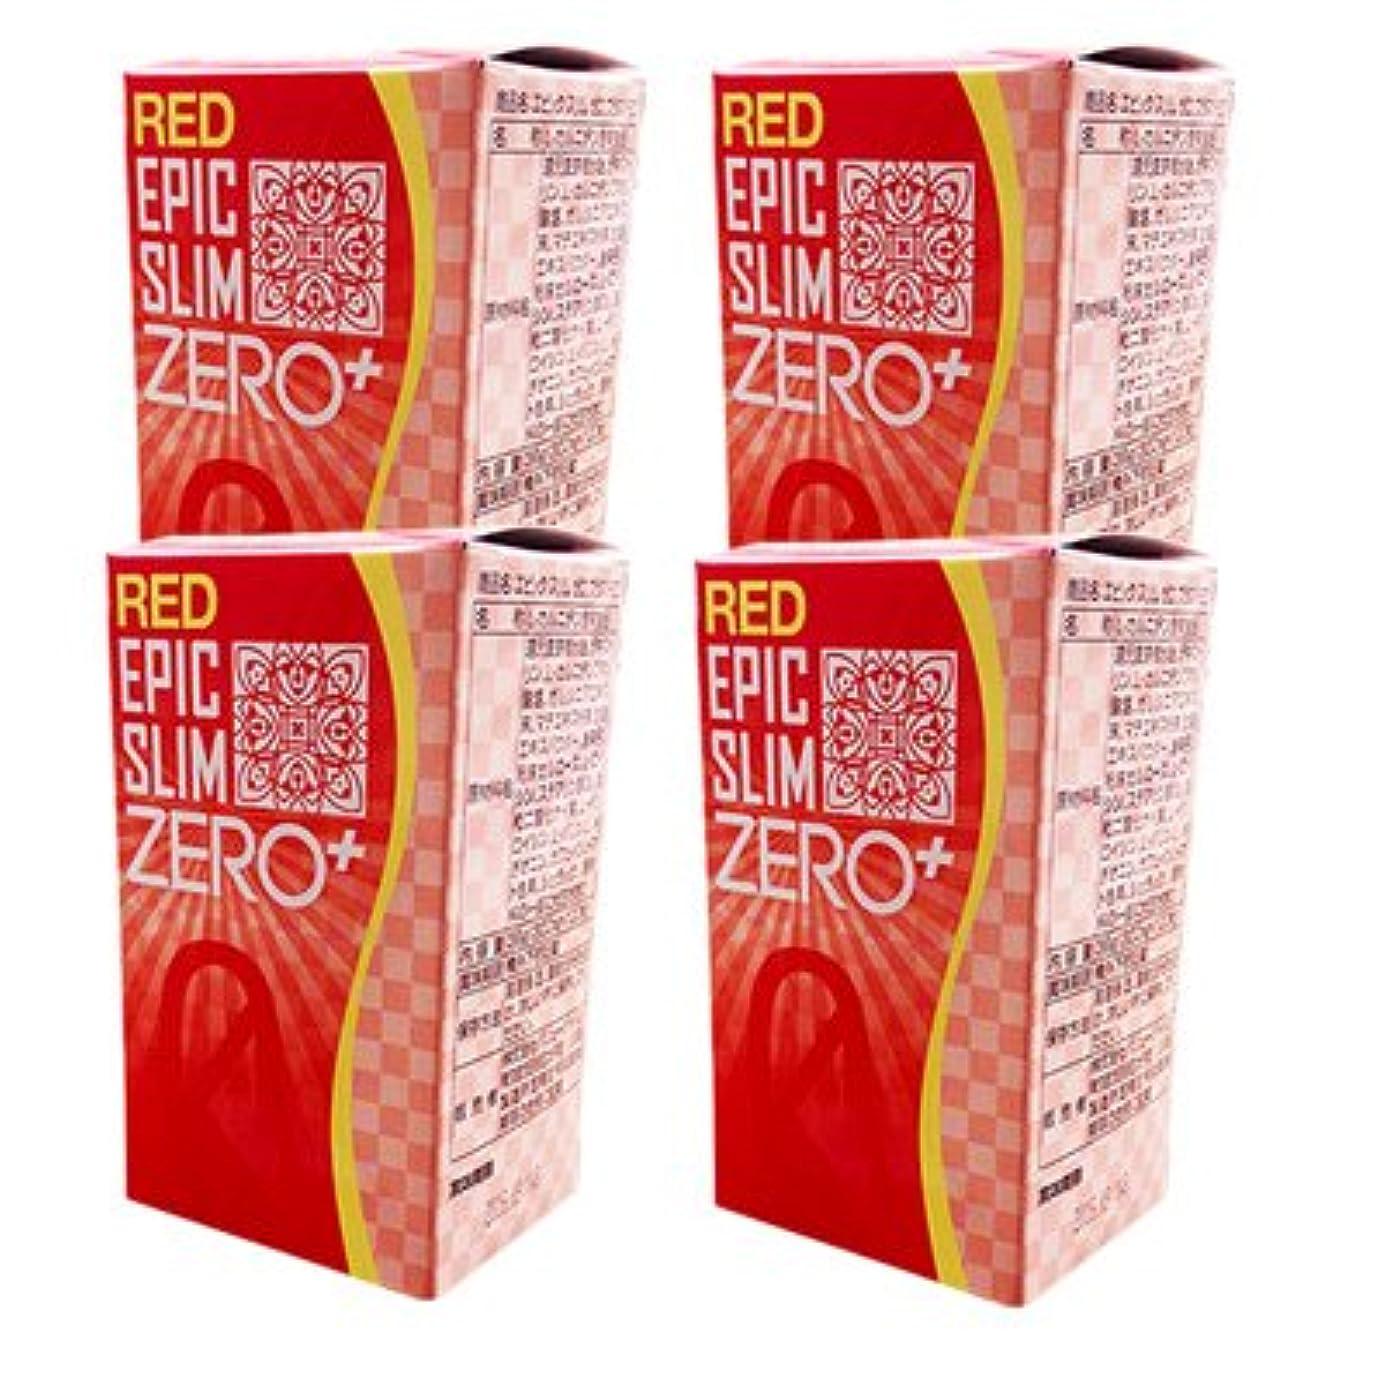 無条件目覚める伴うレッド エピックスリム ゼロ レッド 4個セット!  Epic Slim ZERO RED ×4個